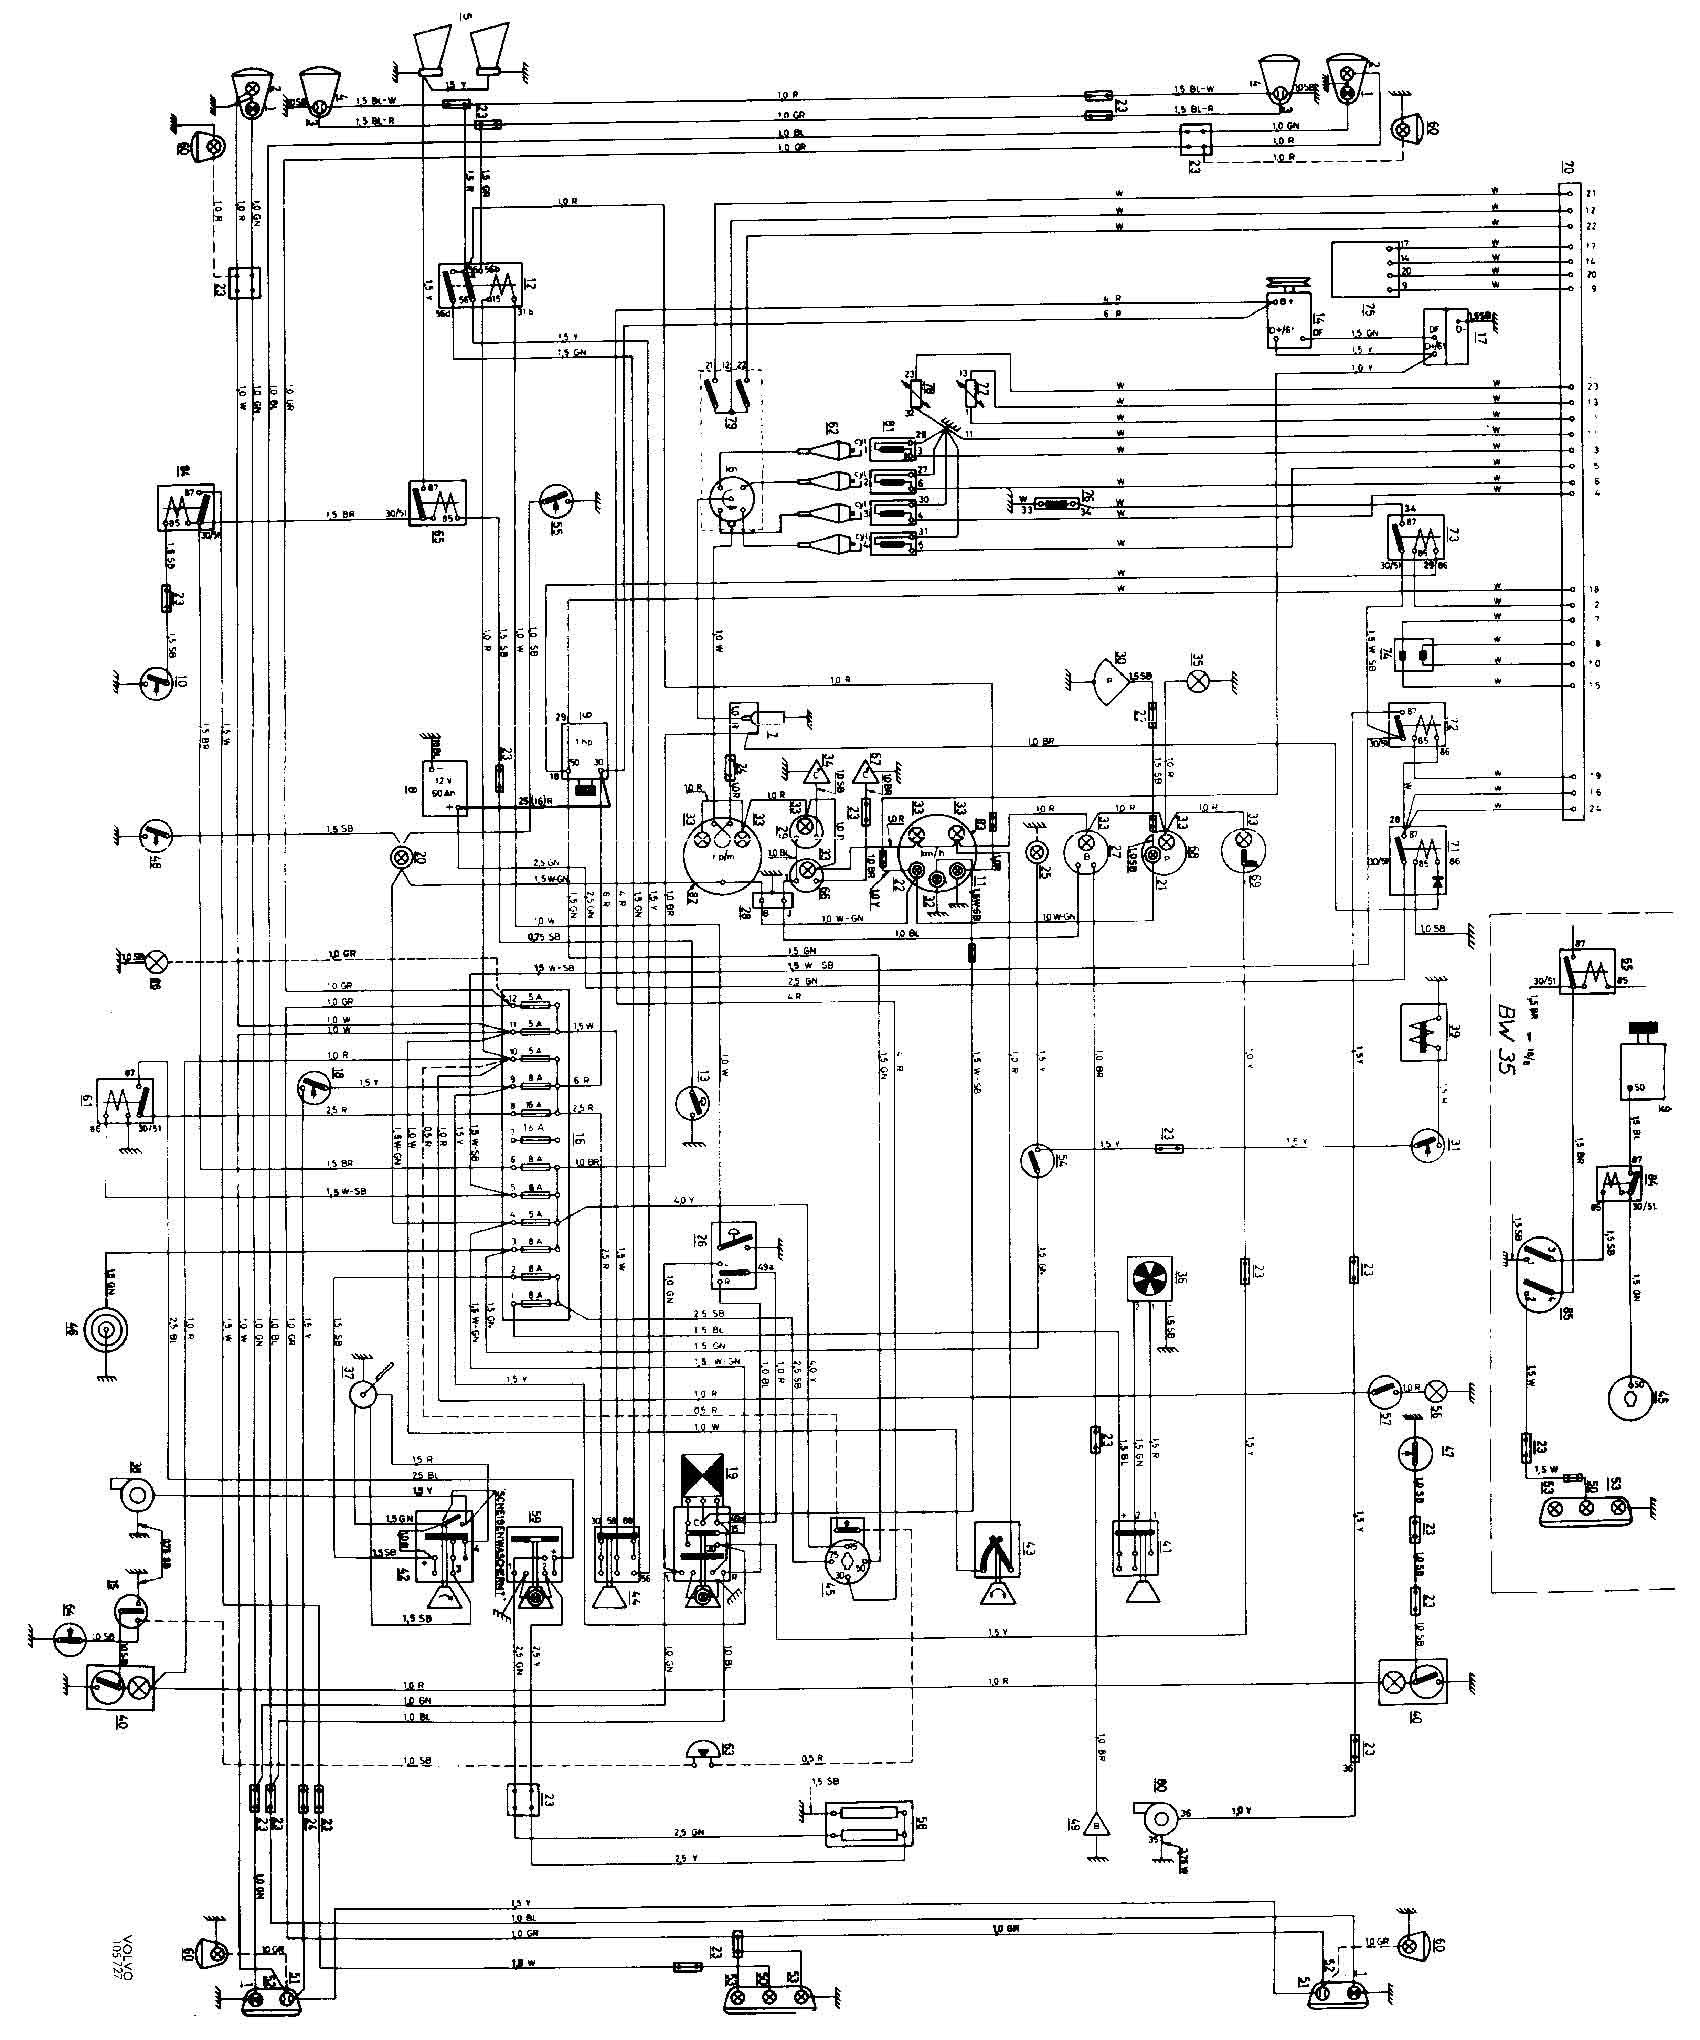 12v cabin wiring diagram